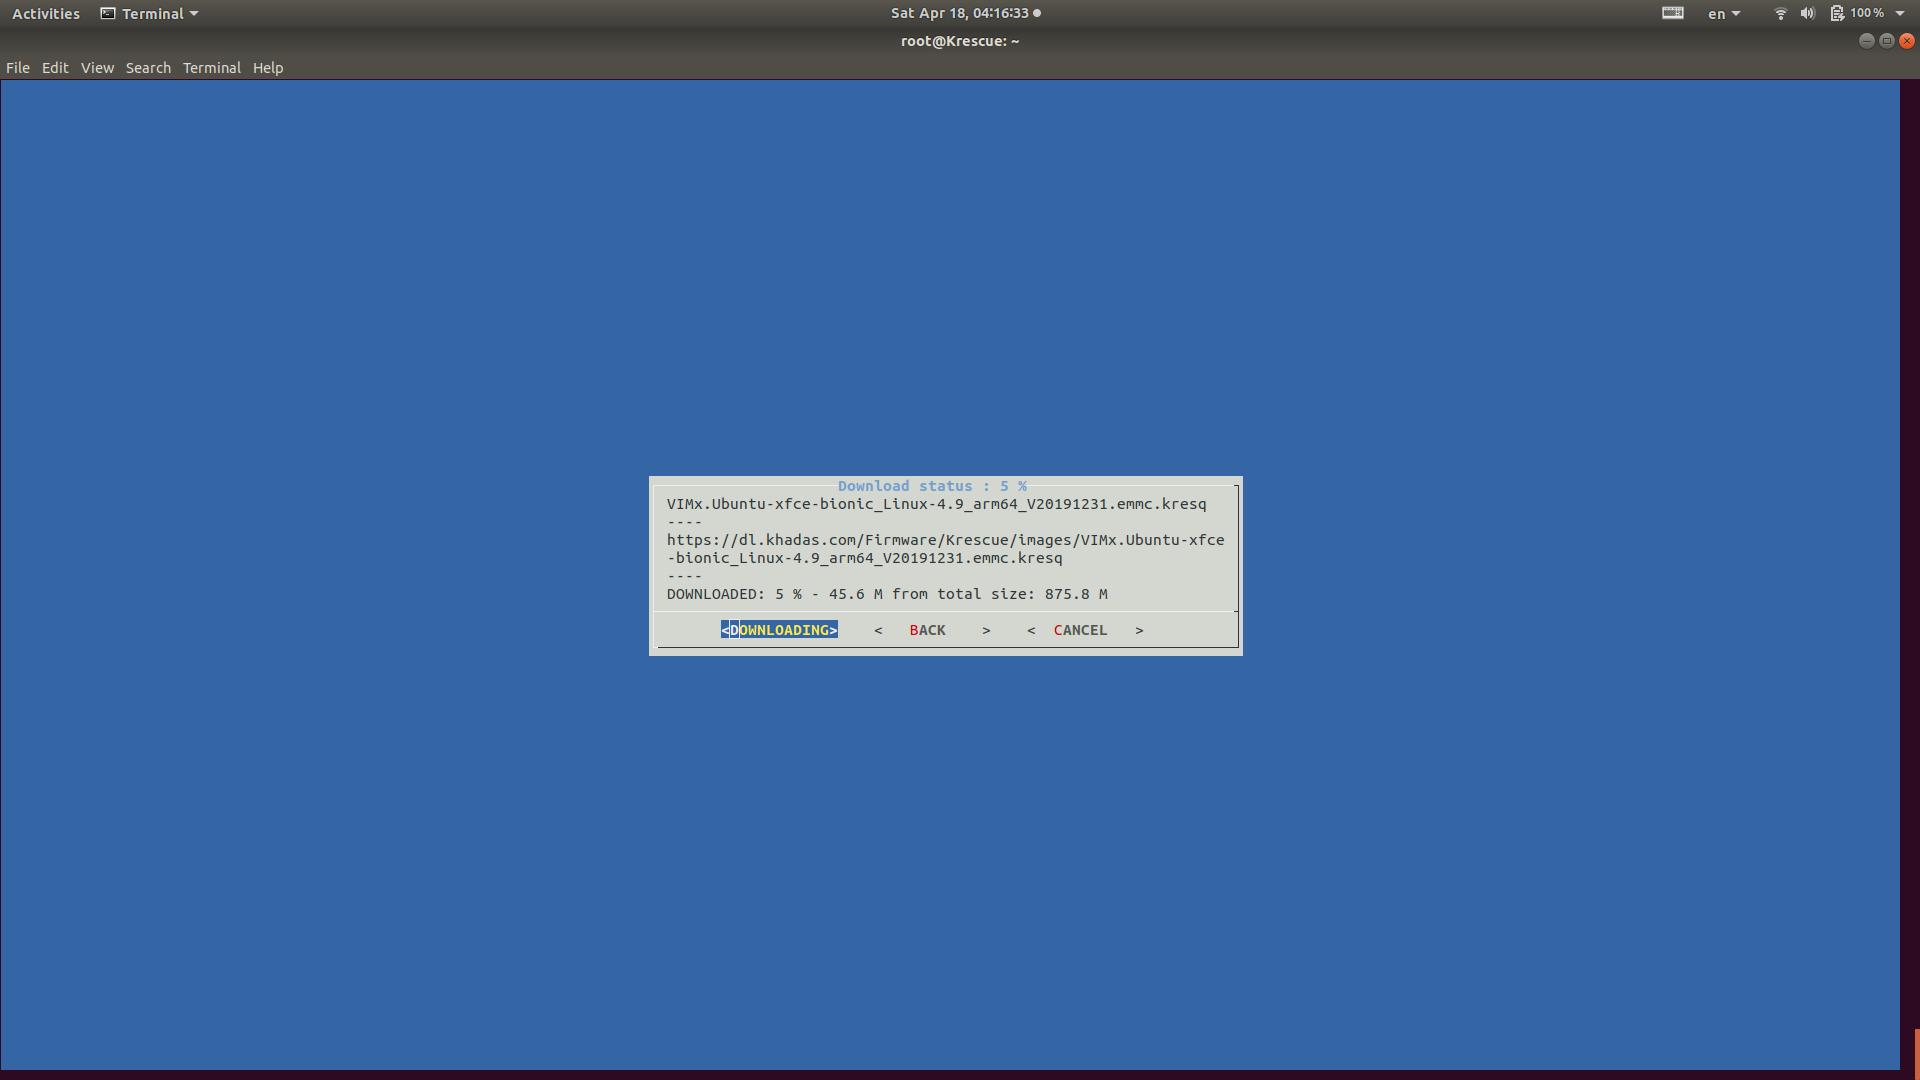 Start Downloading OS